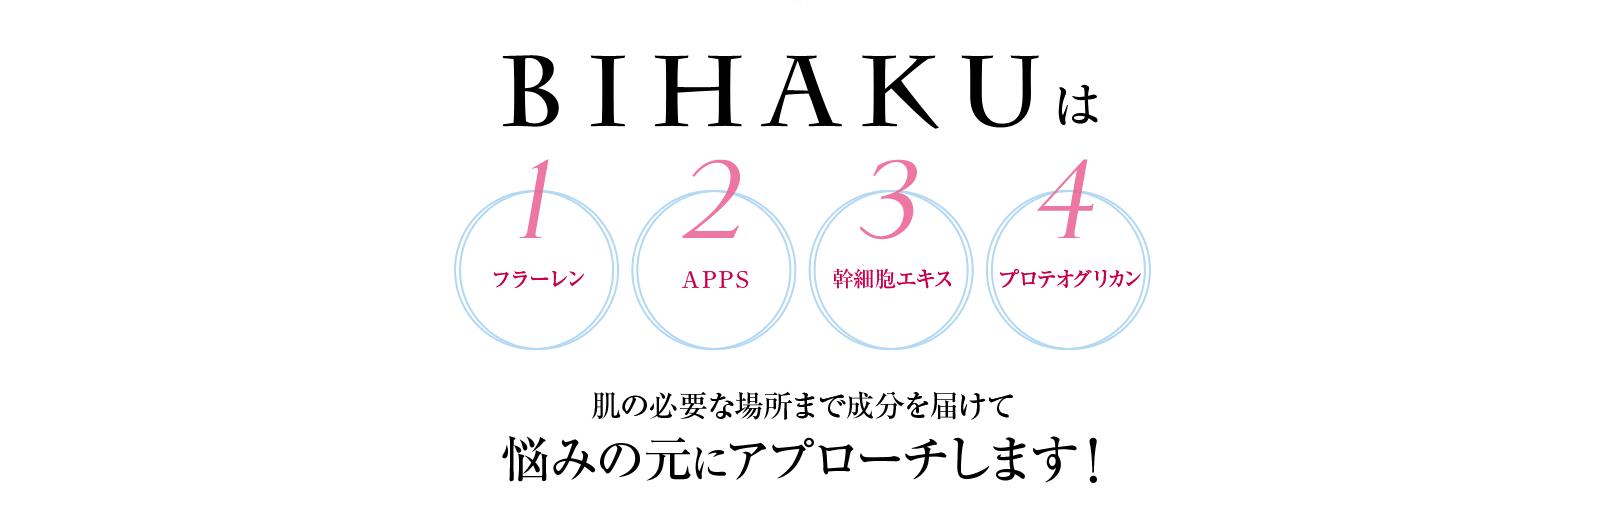 bihaku商材画像